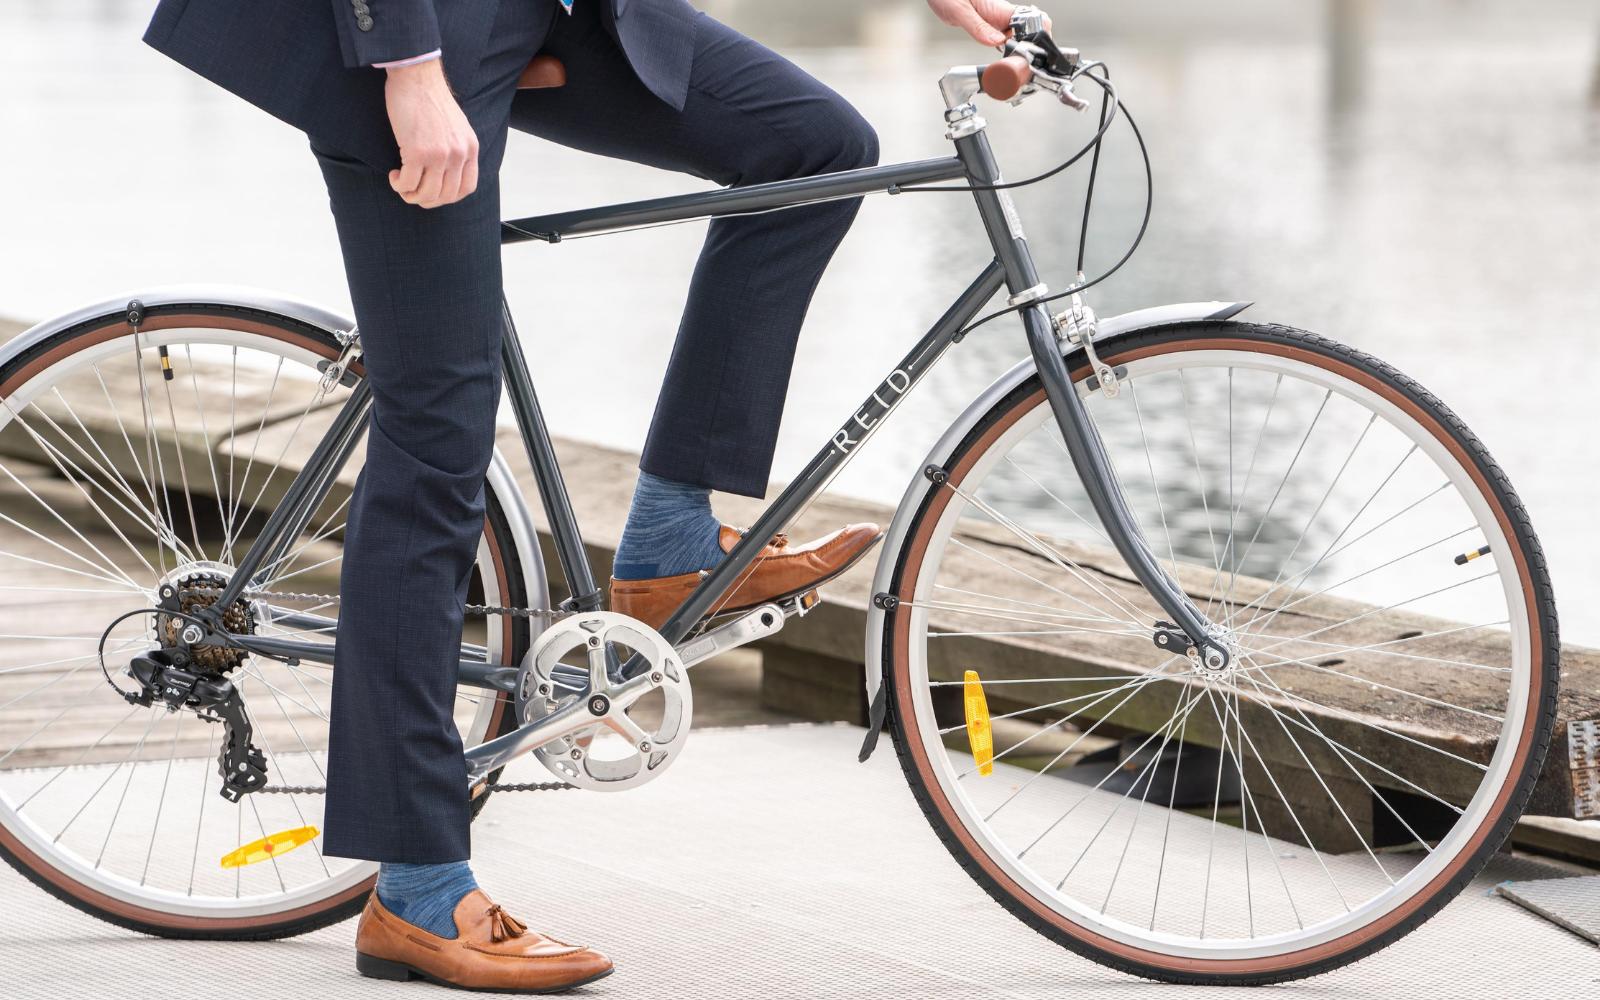 34 8 - Reid ® - Gents Roller Bike